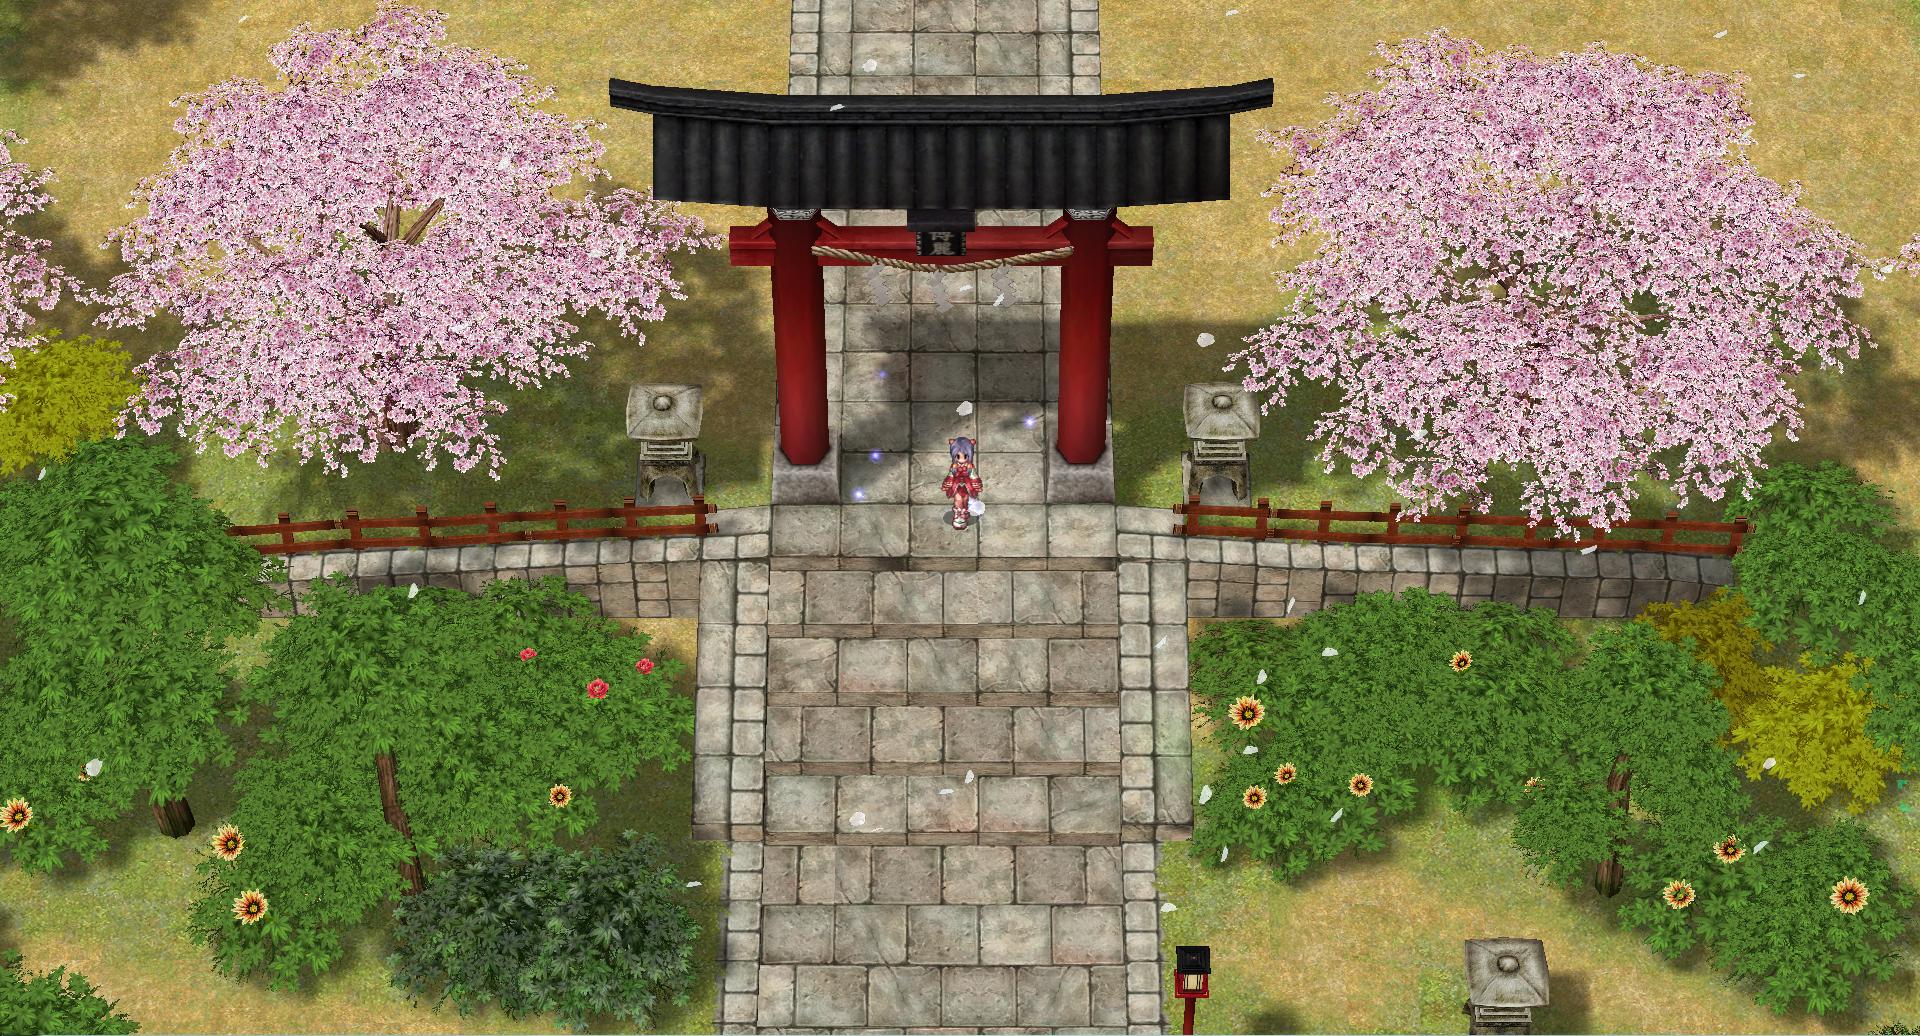 11_shrine_torii_by_rabbitjk-dcfvhx5.jpg